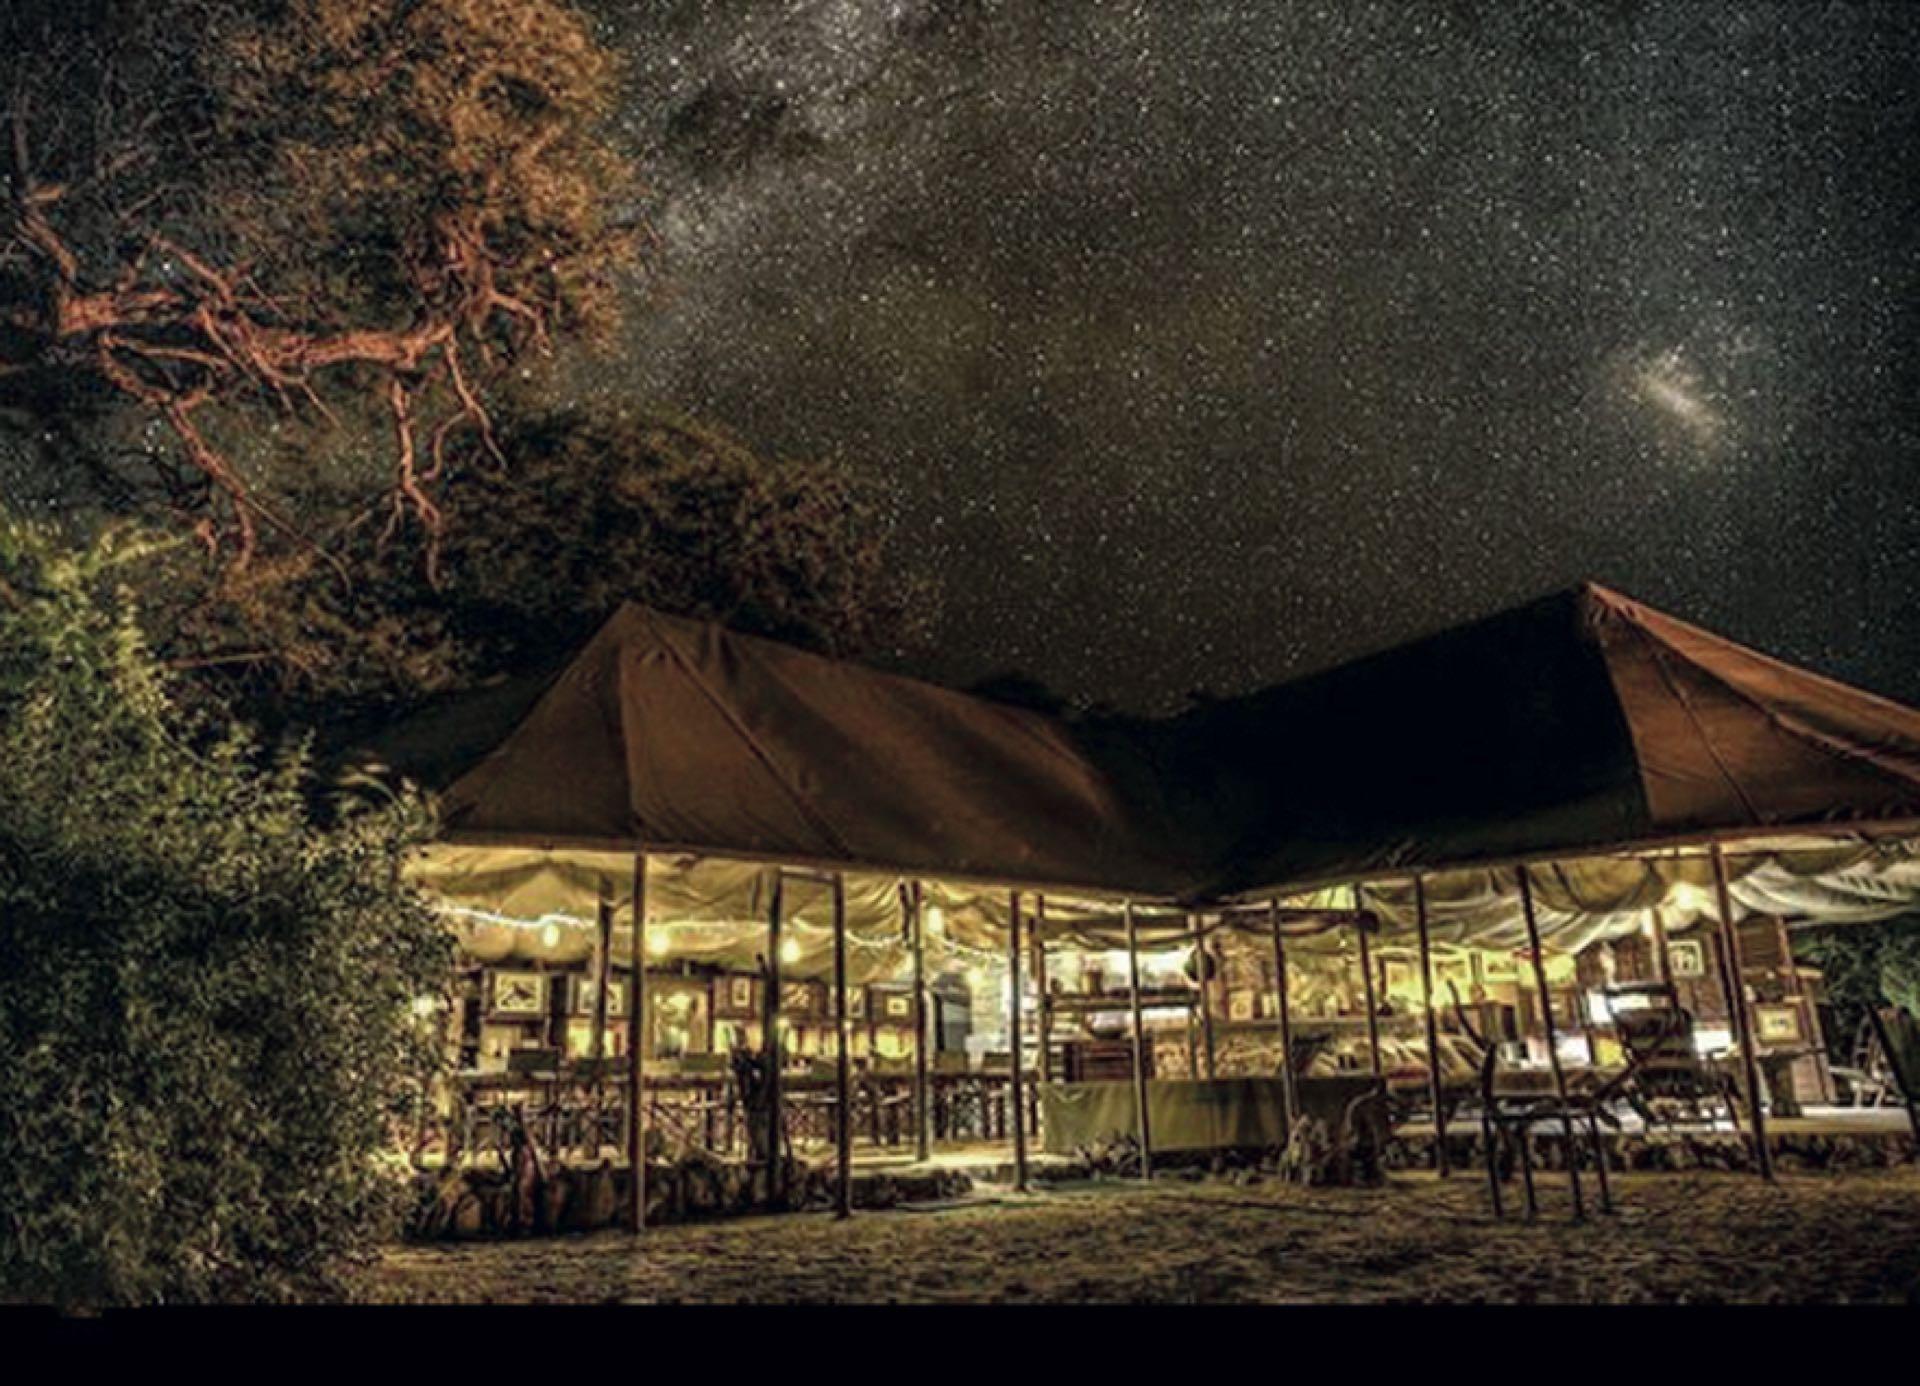 Resort Meno a Kwena, en Botswana, el lugar donde será la luna de miel